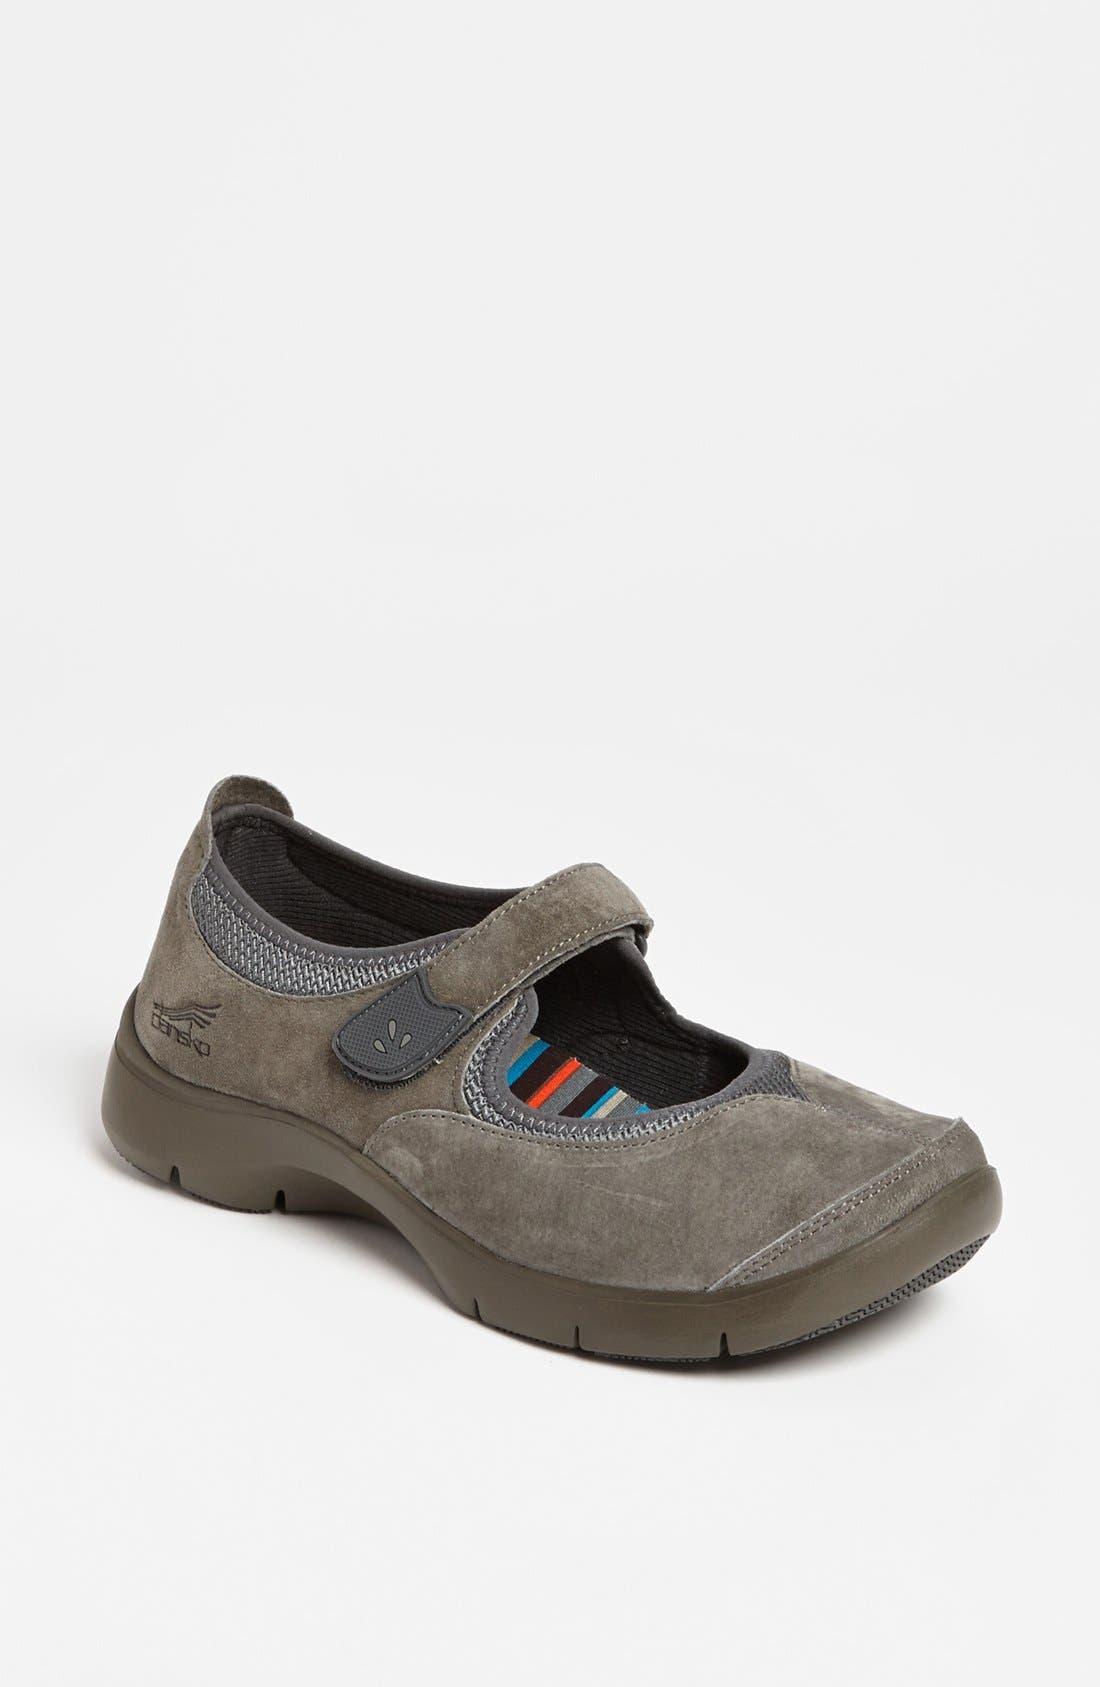 Main Image - Dansko 'Edda' Sneaker